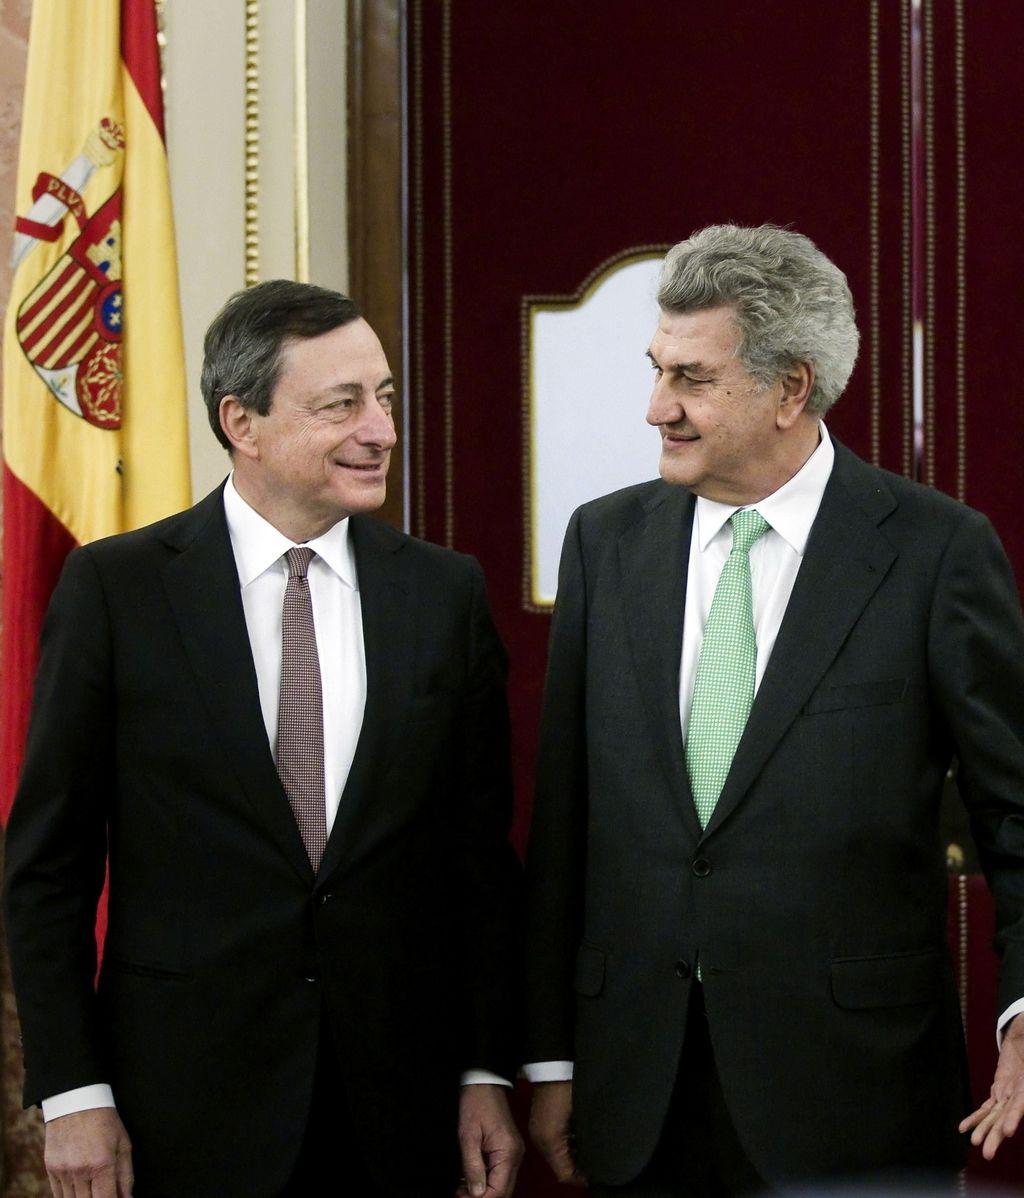 El presidente del Banco Central Europeo (BCE), Mario Draghi, junto al presidente del Congreso, Jesús Posada, antes de su comparecencia a puerta cerrada con los grupos parlamentarios, hoy en la Cámara Baja